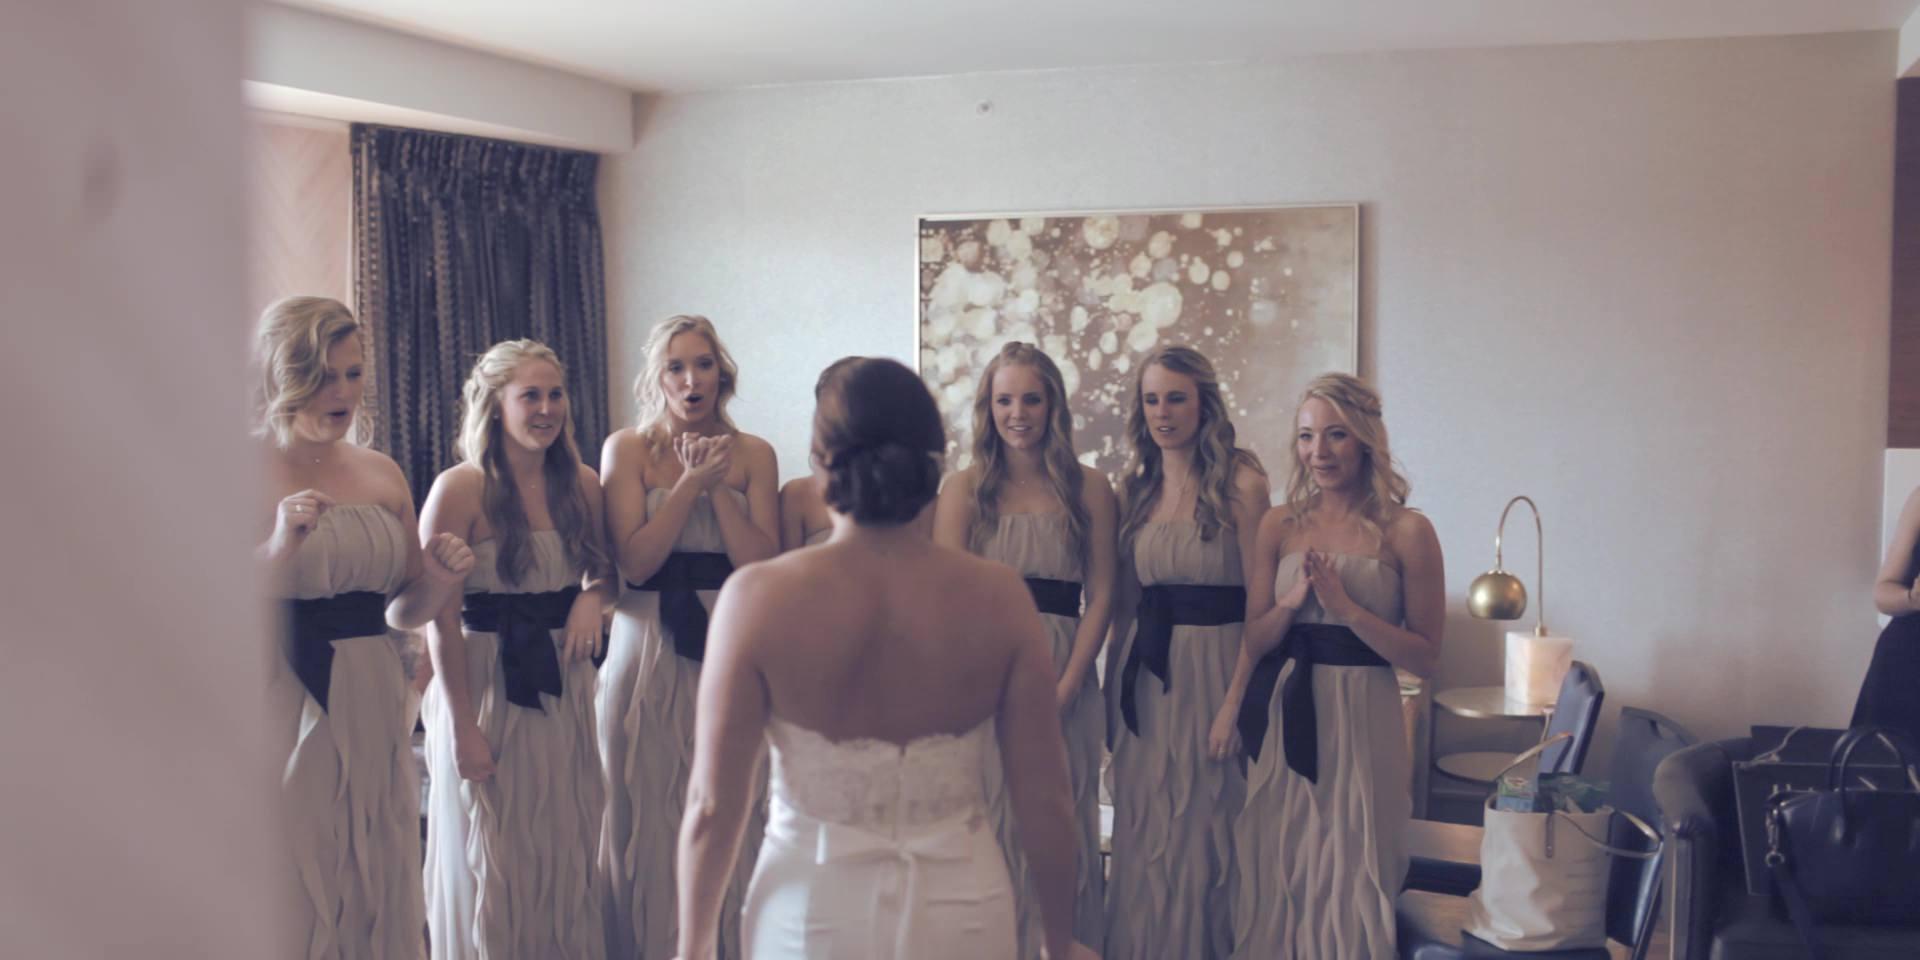 matt&anna wedding story.mp4-still00011.jpg